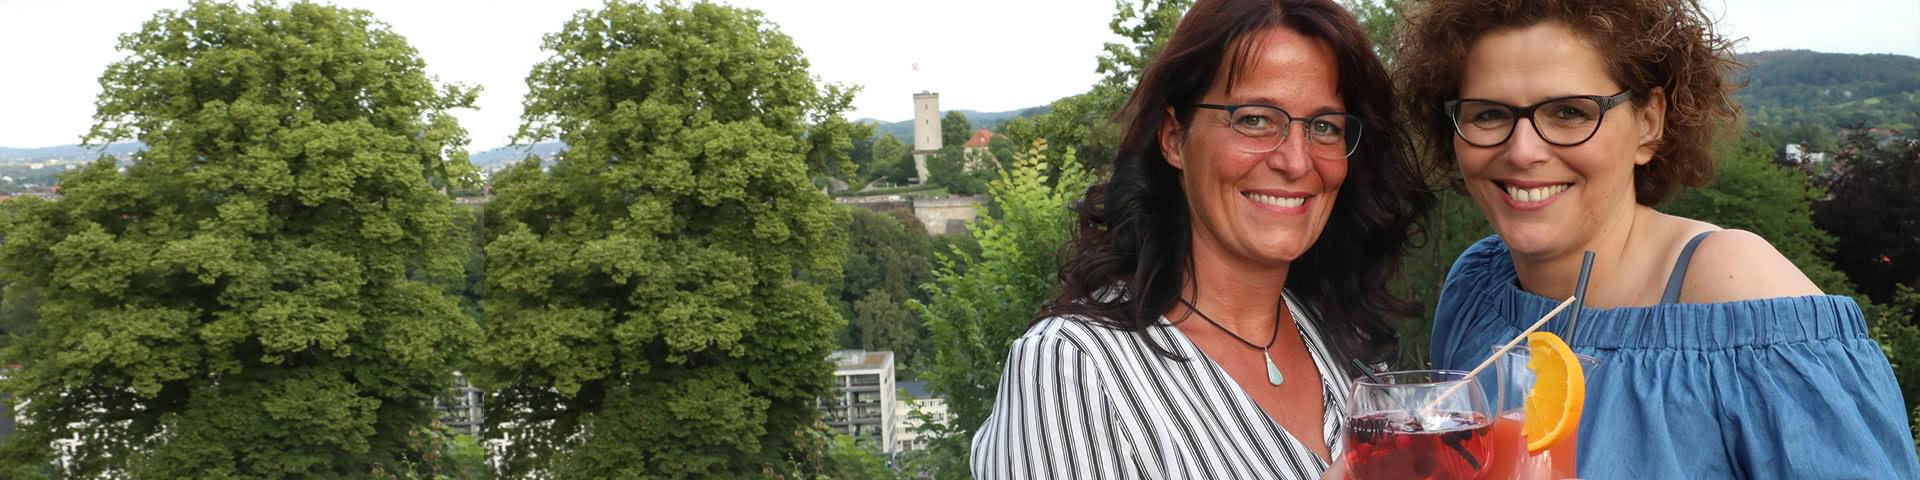 Zwei Frauen in Bielfeld im Hintergrund Sparrenburg